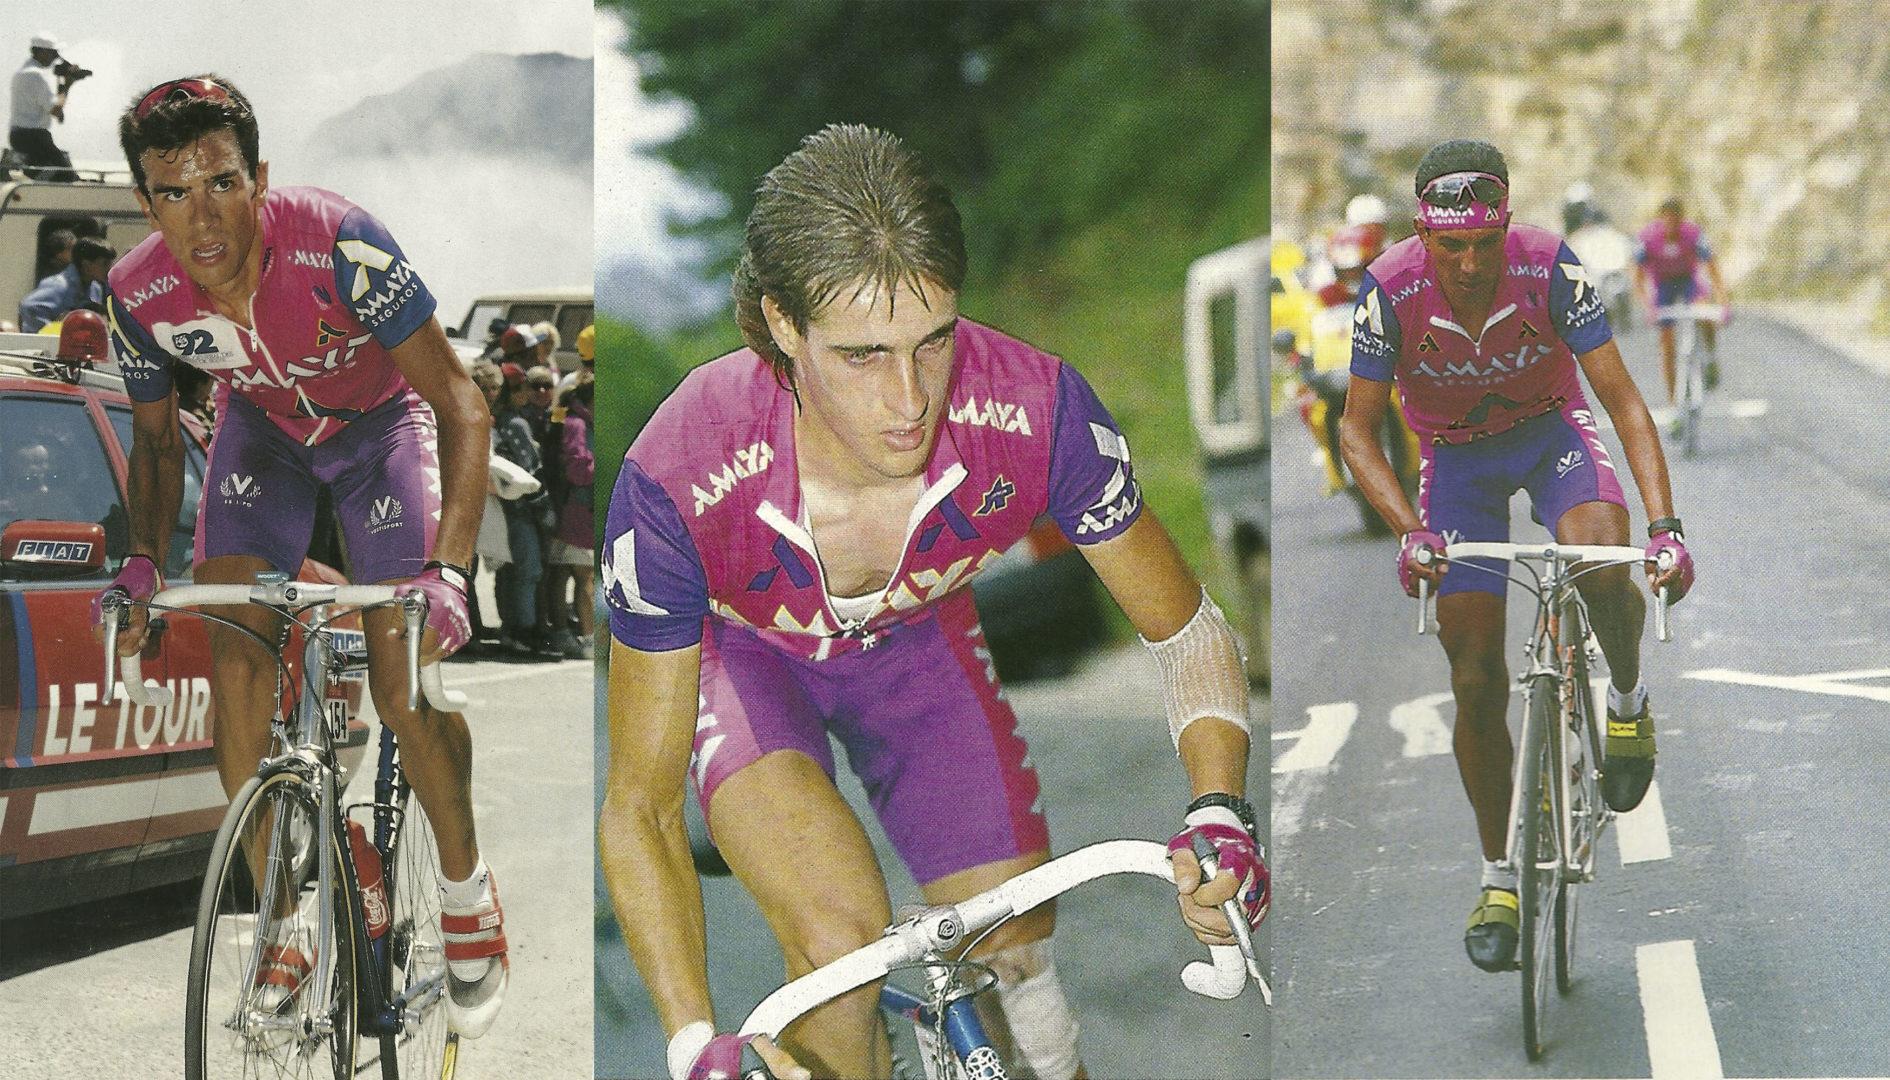 Se cumplen 30 años del nacimiento del equipo Amaya Seguros